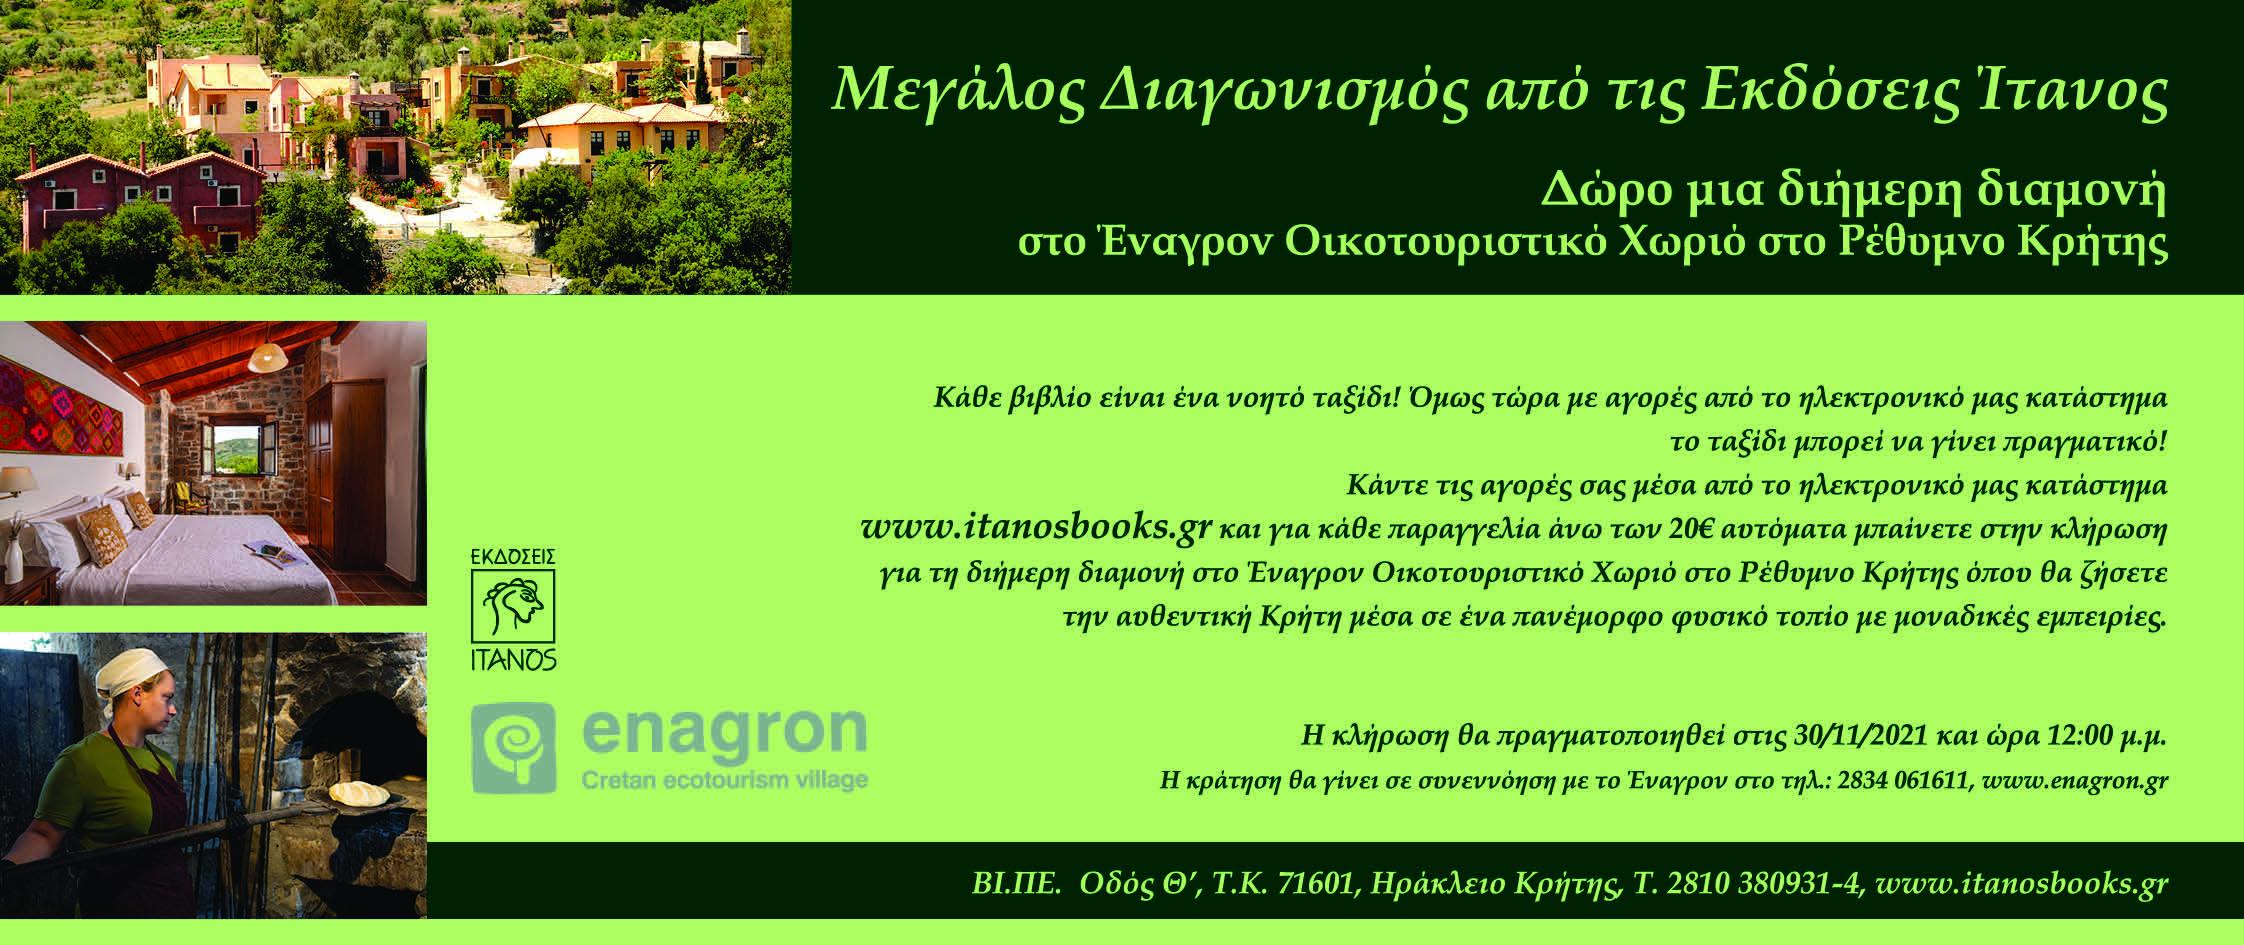 ΔΙΑΓΩΝΙΣΜΟΣ ΟΚΤΩΒΡΙΟΥ-ΝΟΕΜΒΡΙΟΥ